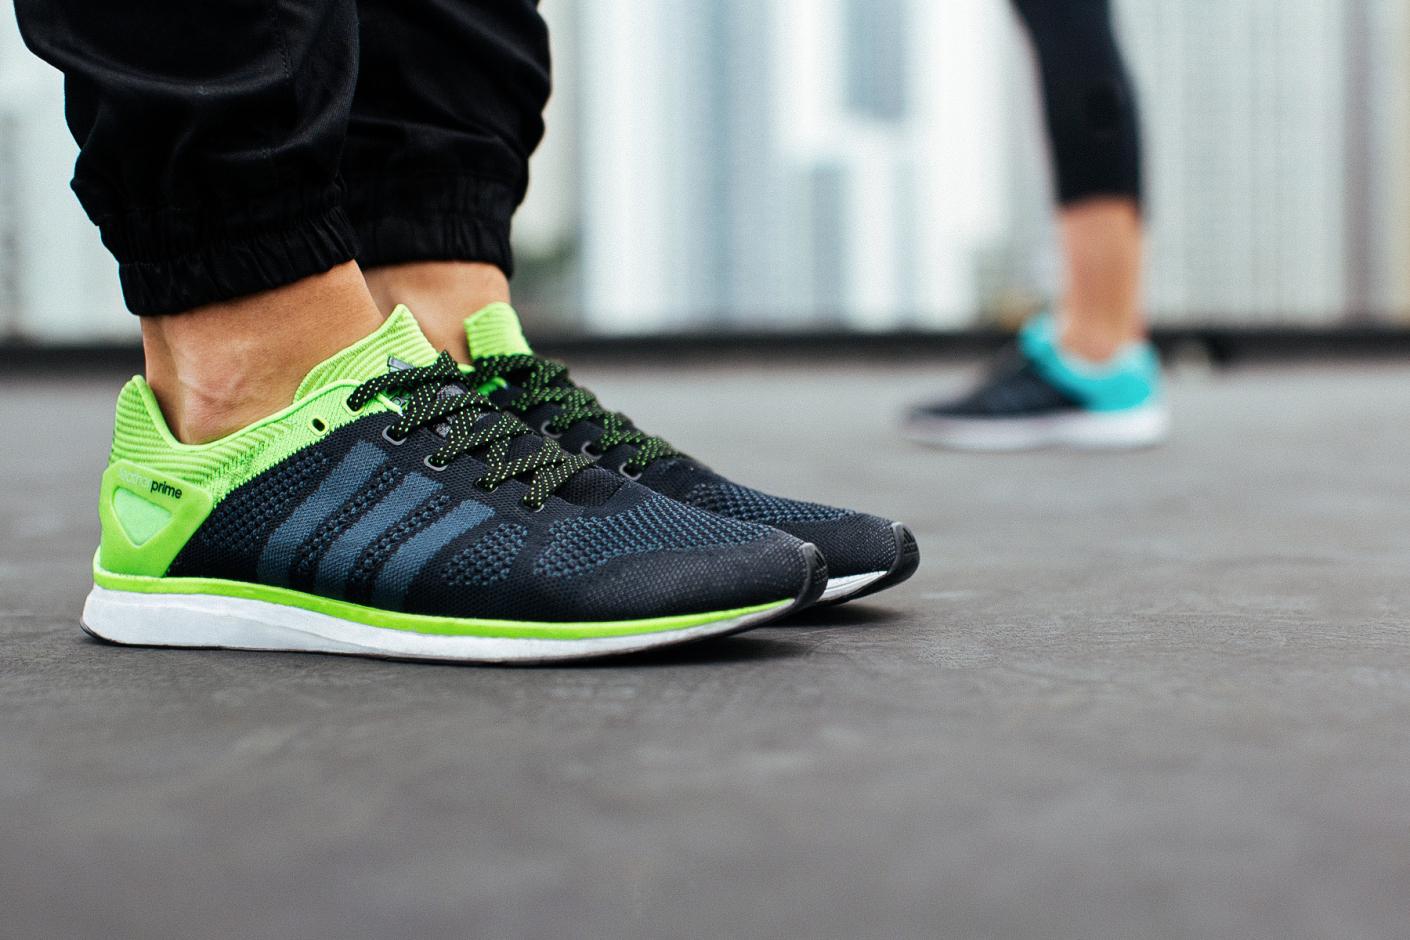 Adidas Adizero Feather Primeknit 2014